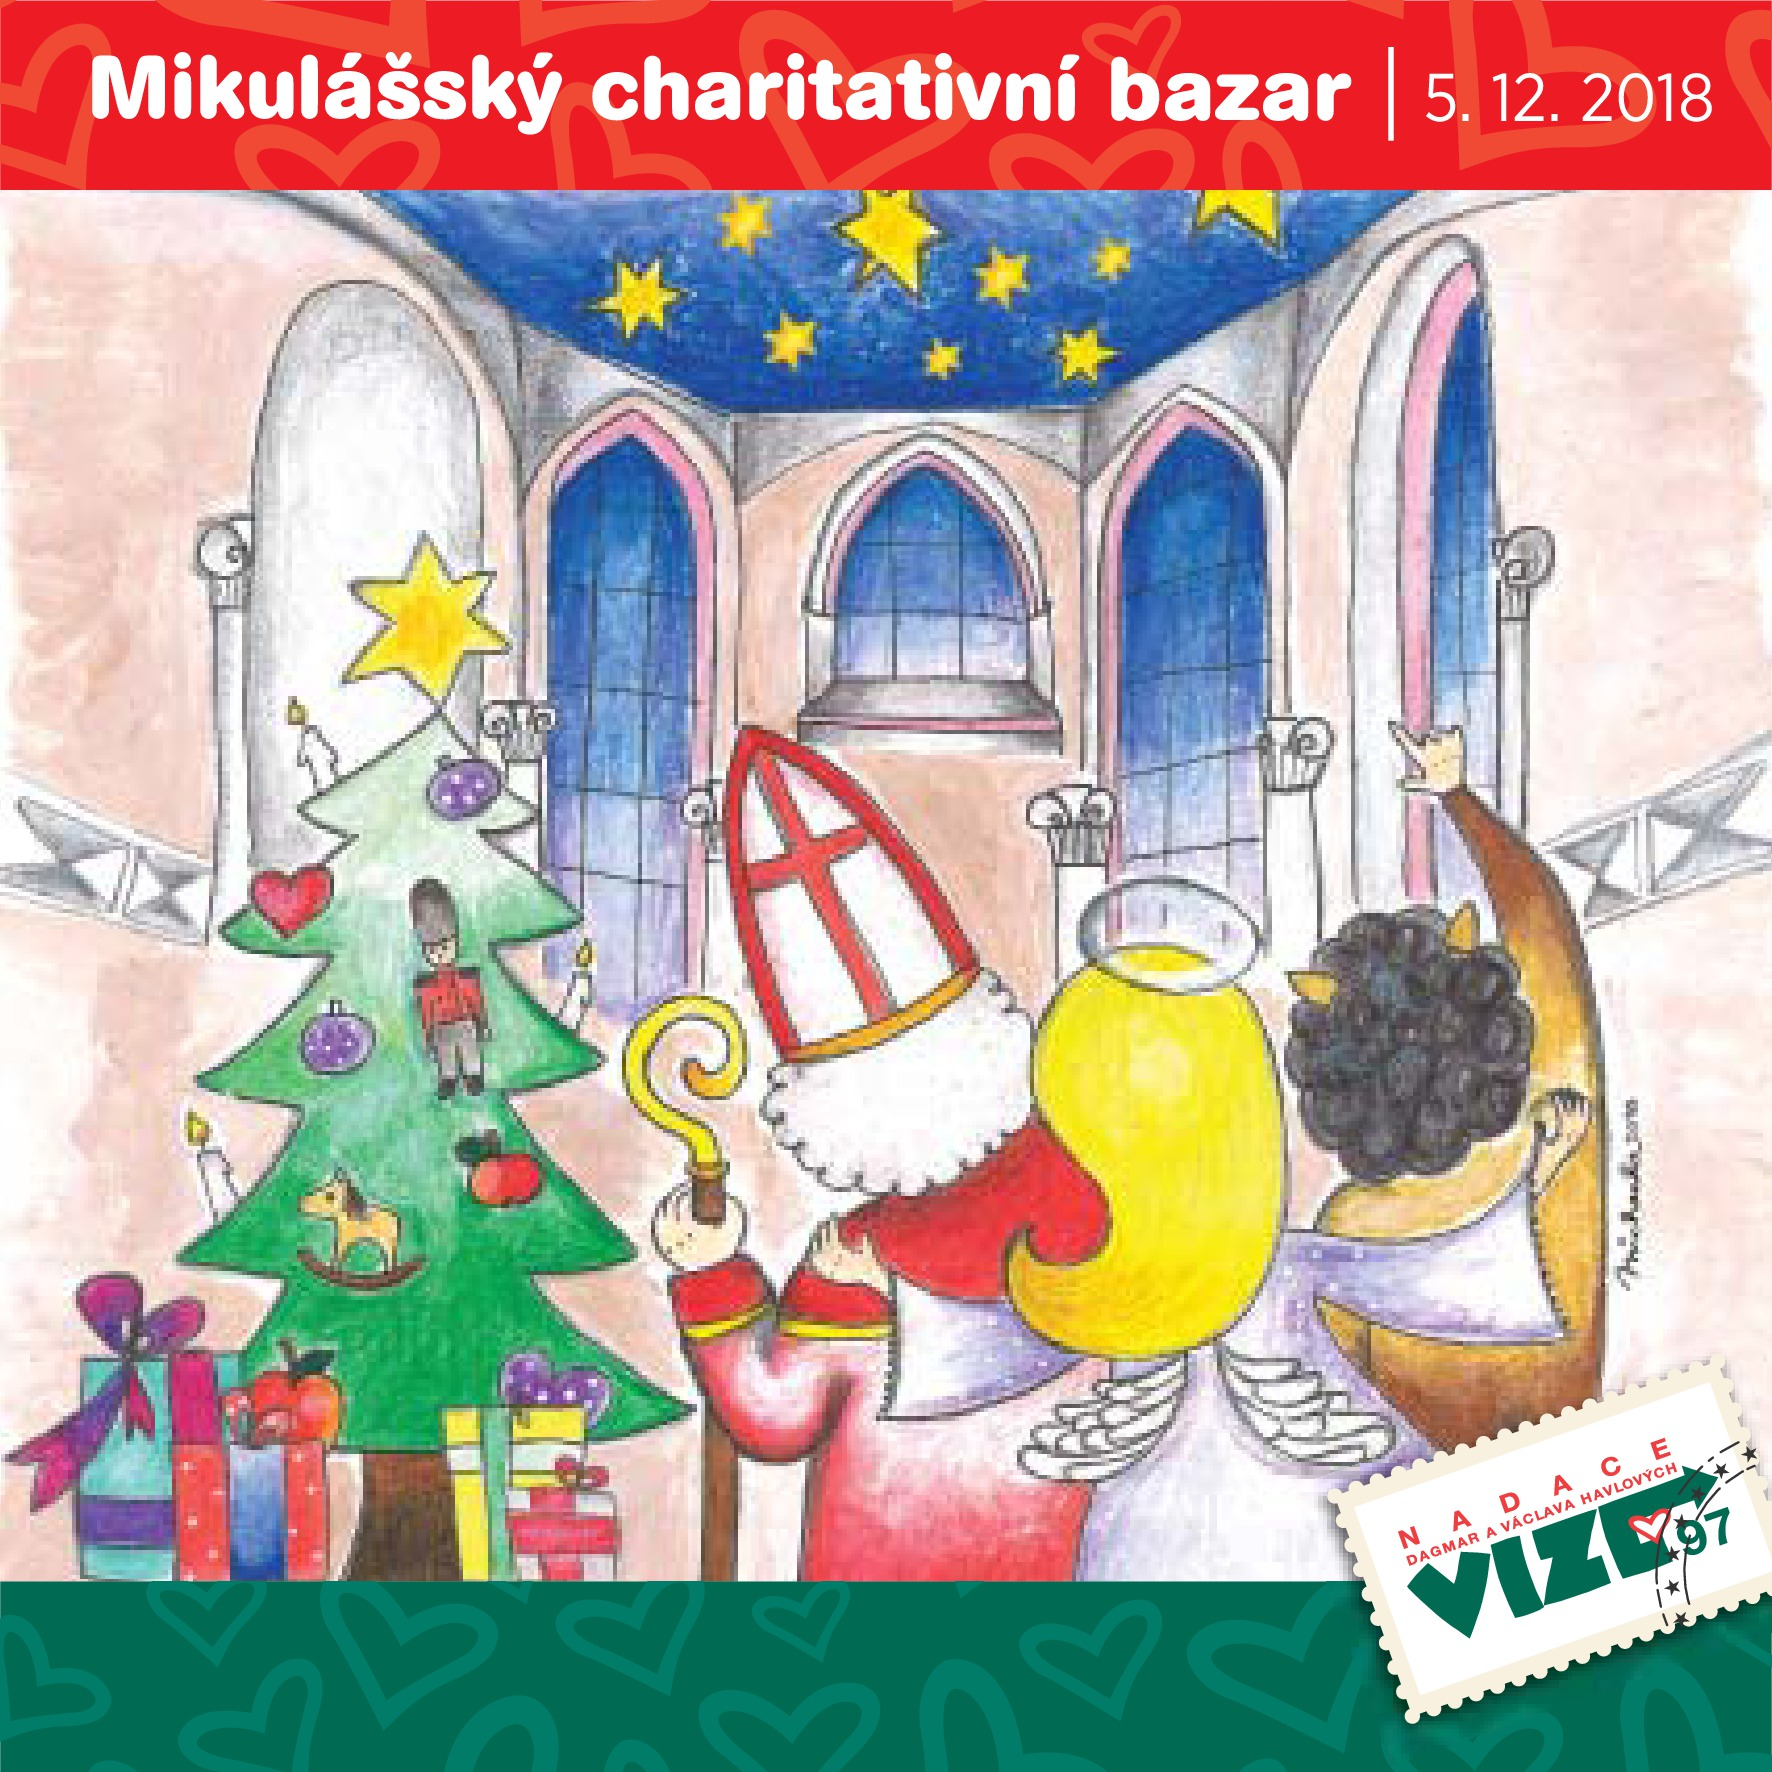 Pozvánka na Mikulášský charitativní bazar